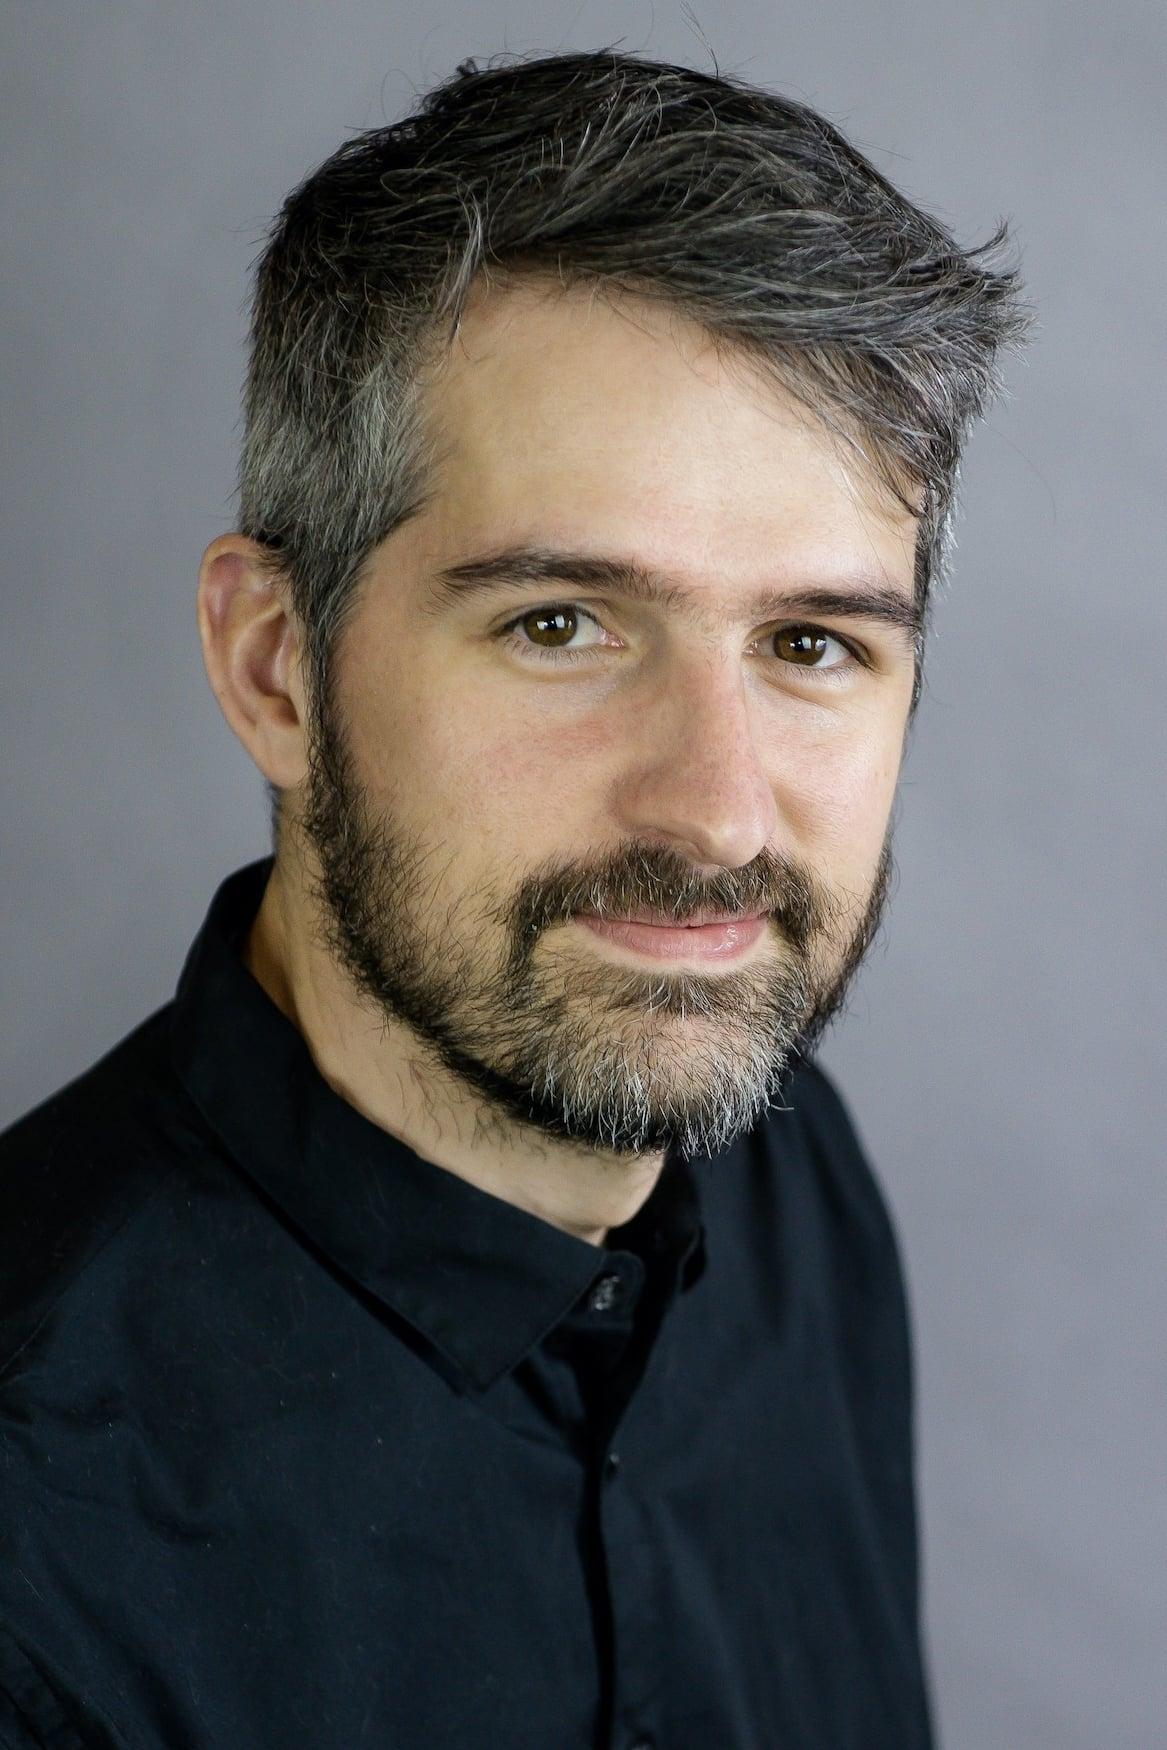 Bryan Atkinson